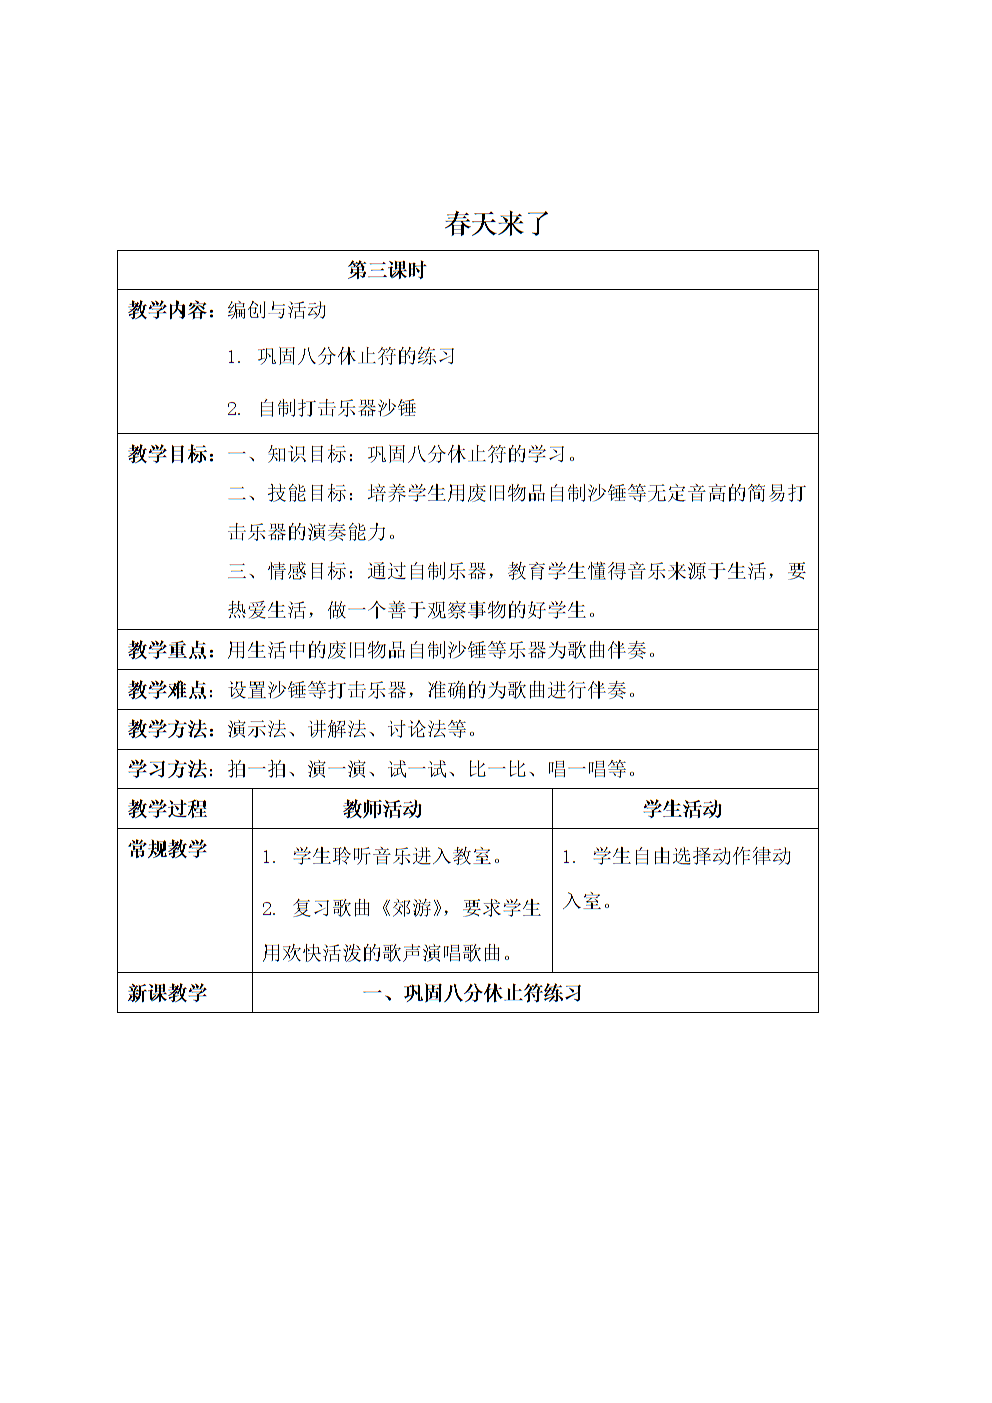 (人音版)二年级音乐下册教案 春天来了(第三课时).doc